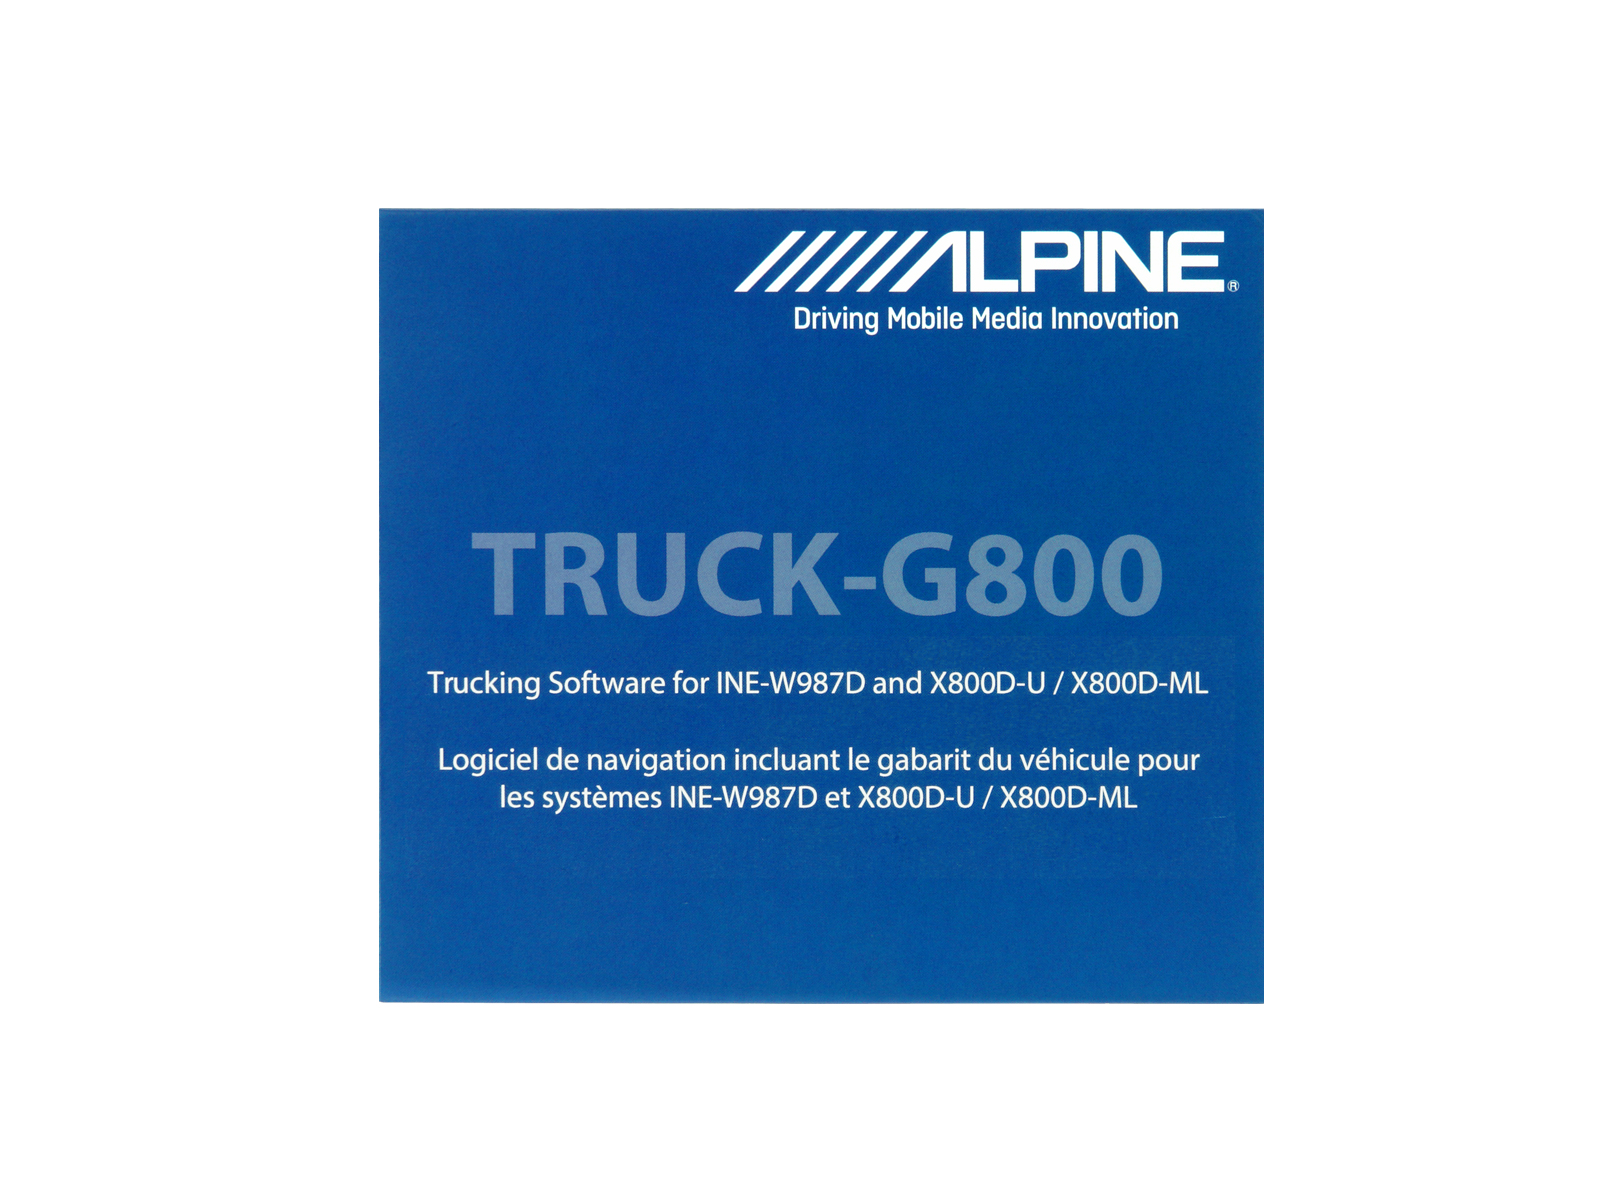 Alpine TRUCK-G800 Camping, Caravan & LKW Software für INE-W987D / X800D-U / X800D-ML / X800D-V / X800D-V447 / X800D-S906